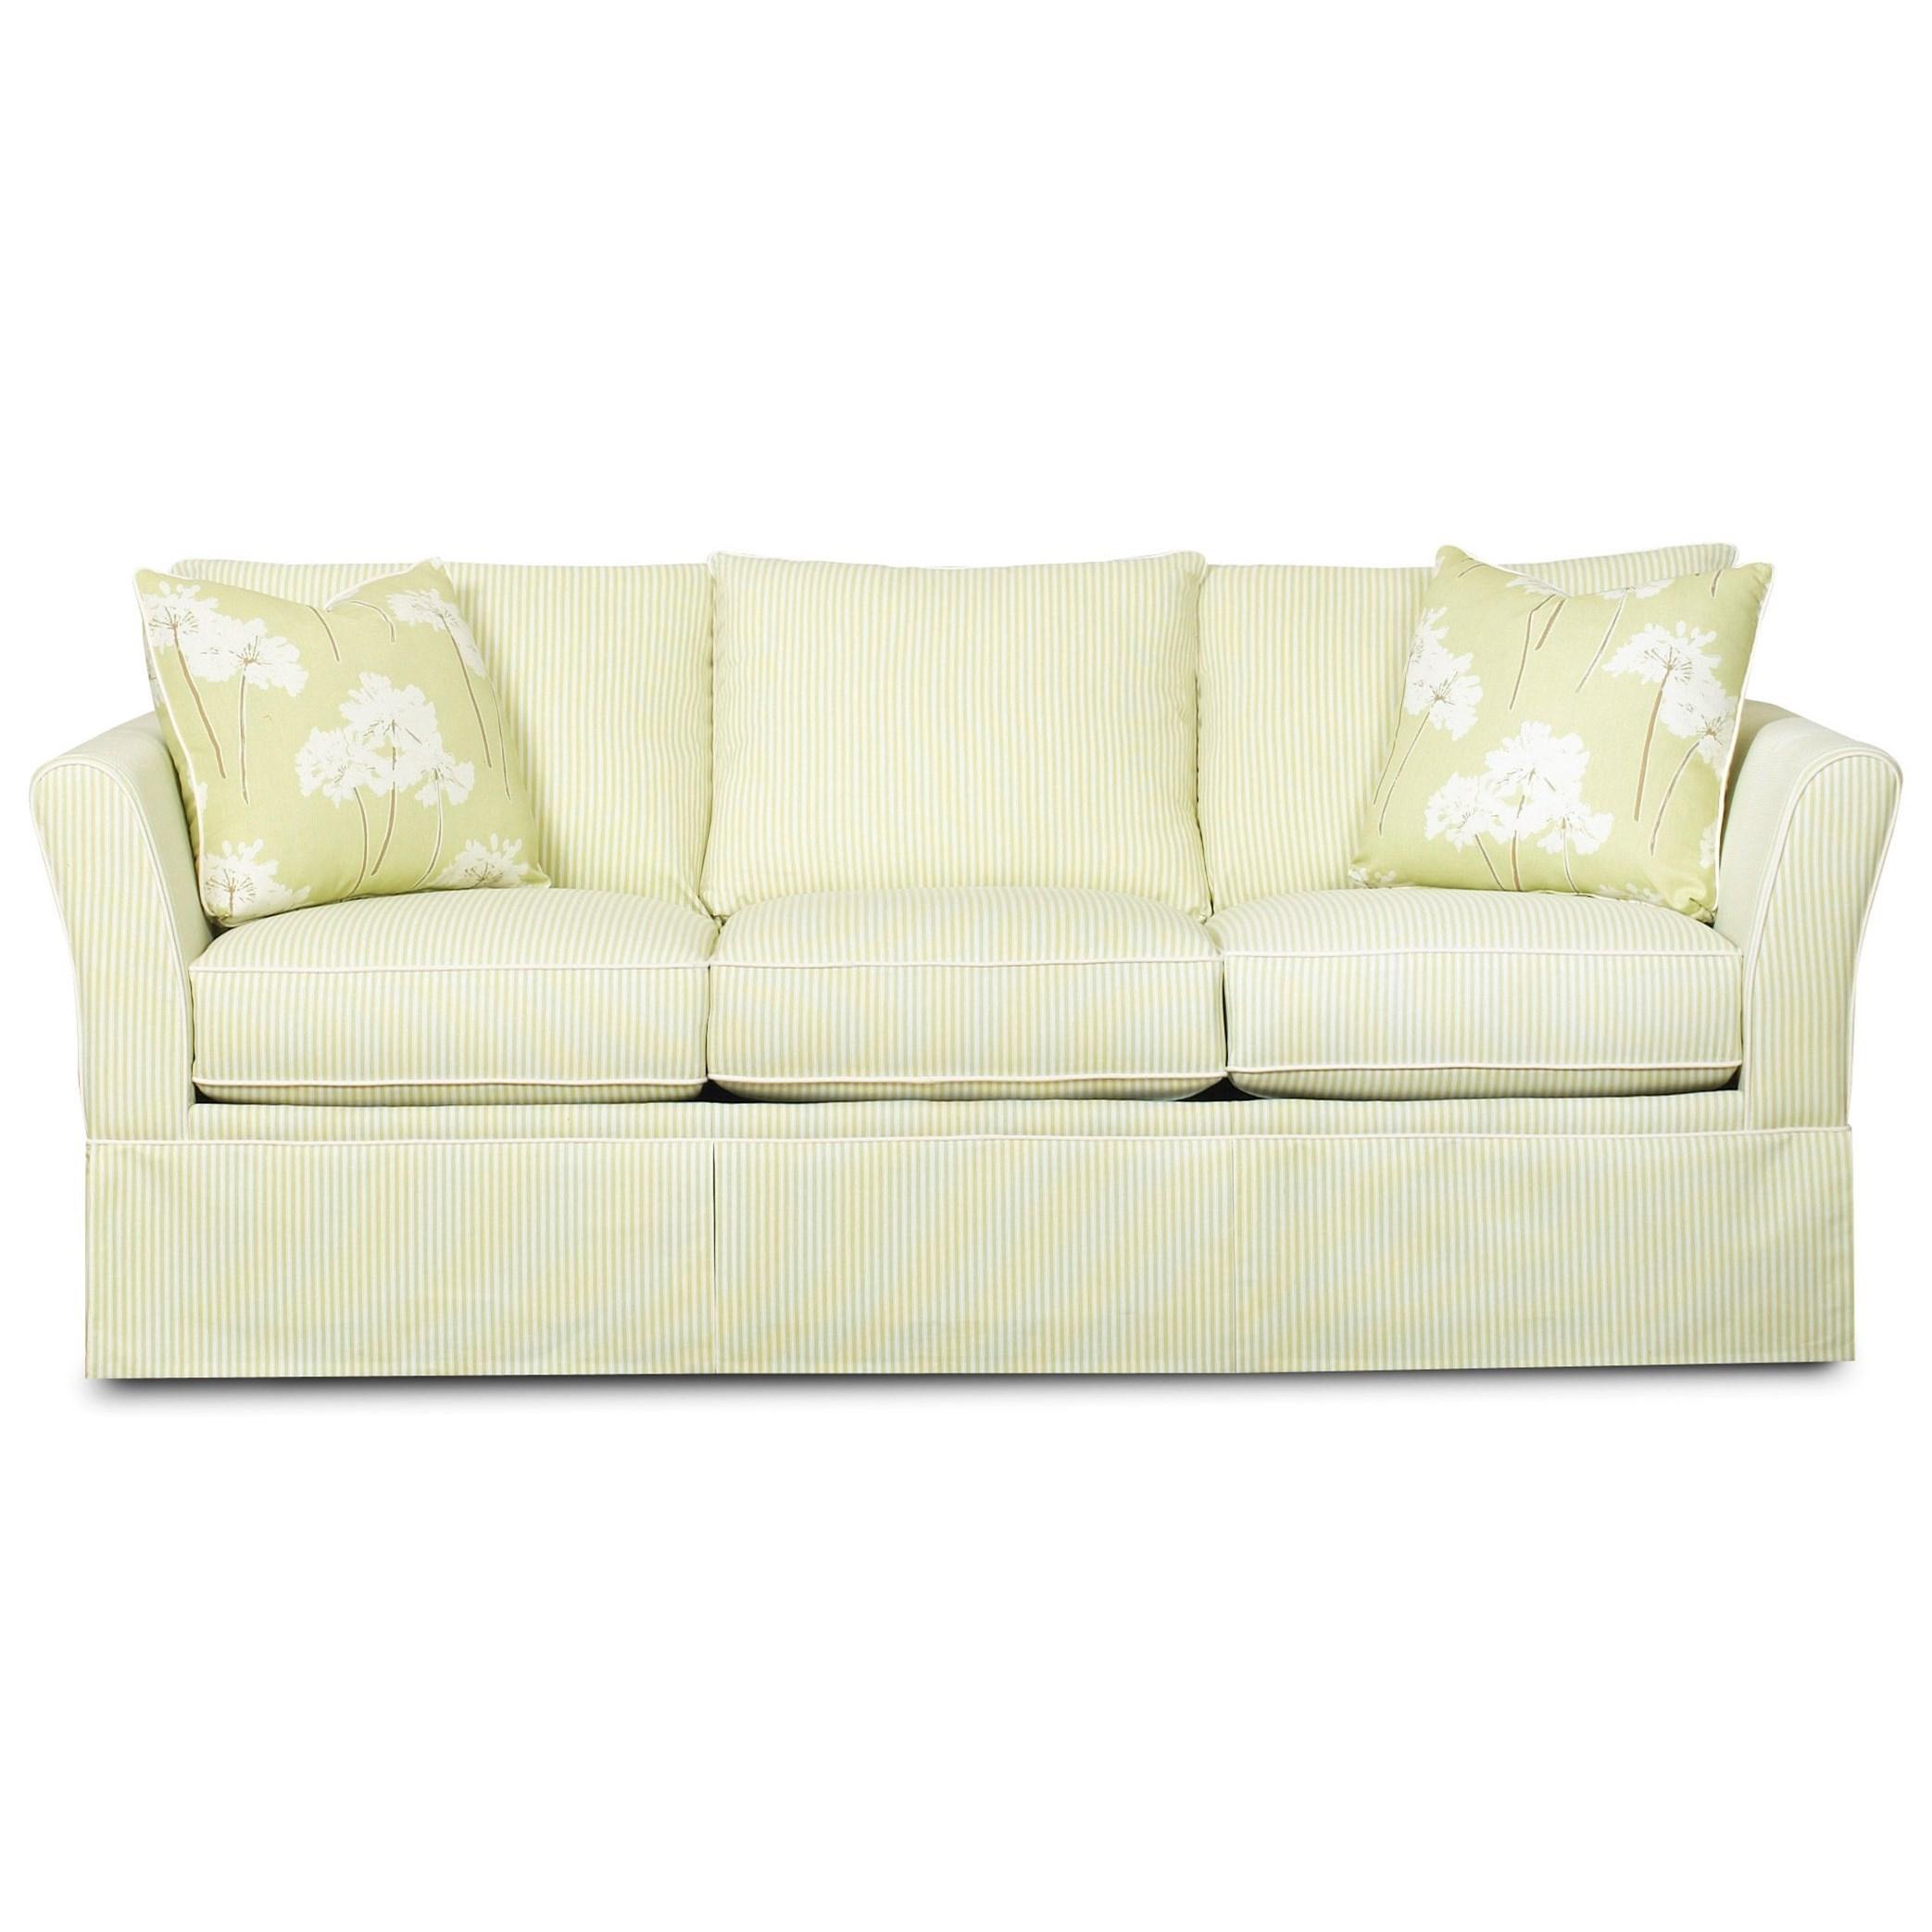 Queen Enso Sleeper Sofa